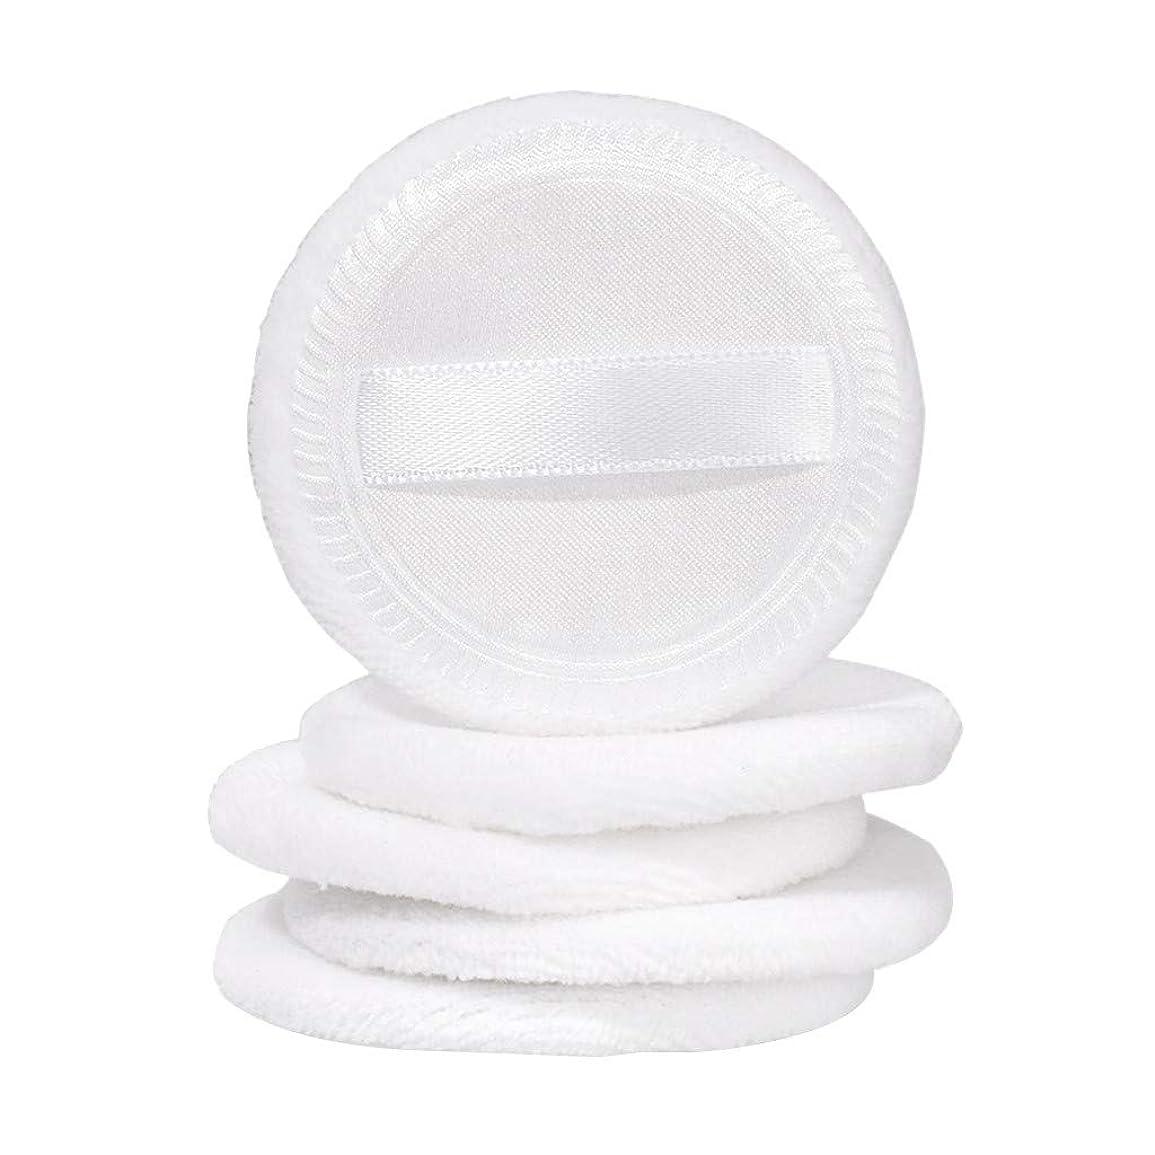 水心のこもった完全に乾くLazayyii スポンジパフ コットンパフ ルースパウダー プレスパウダー 化粧道具 (ホワイト)